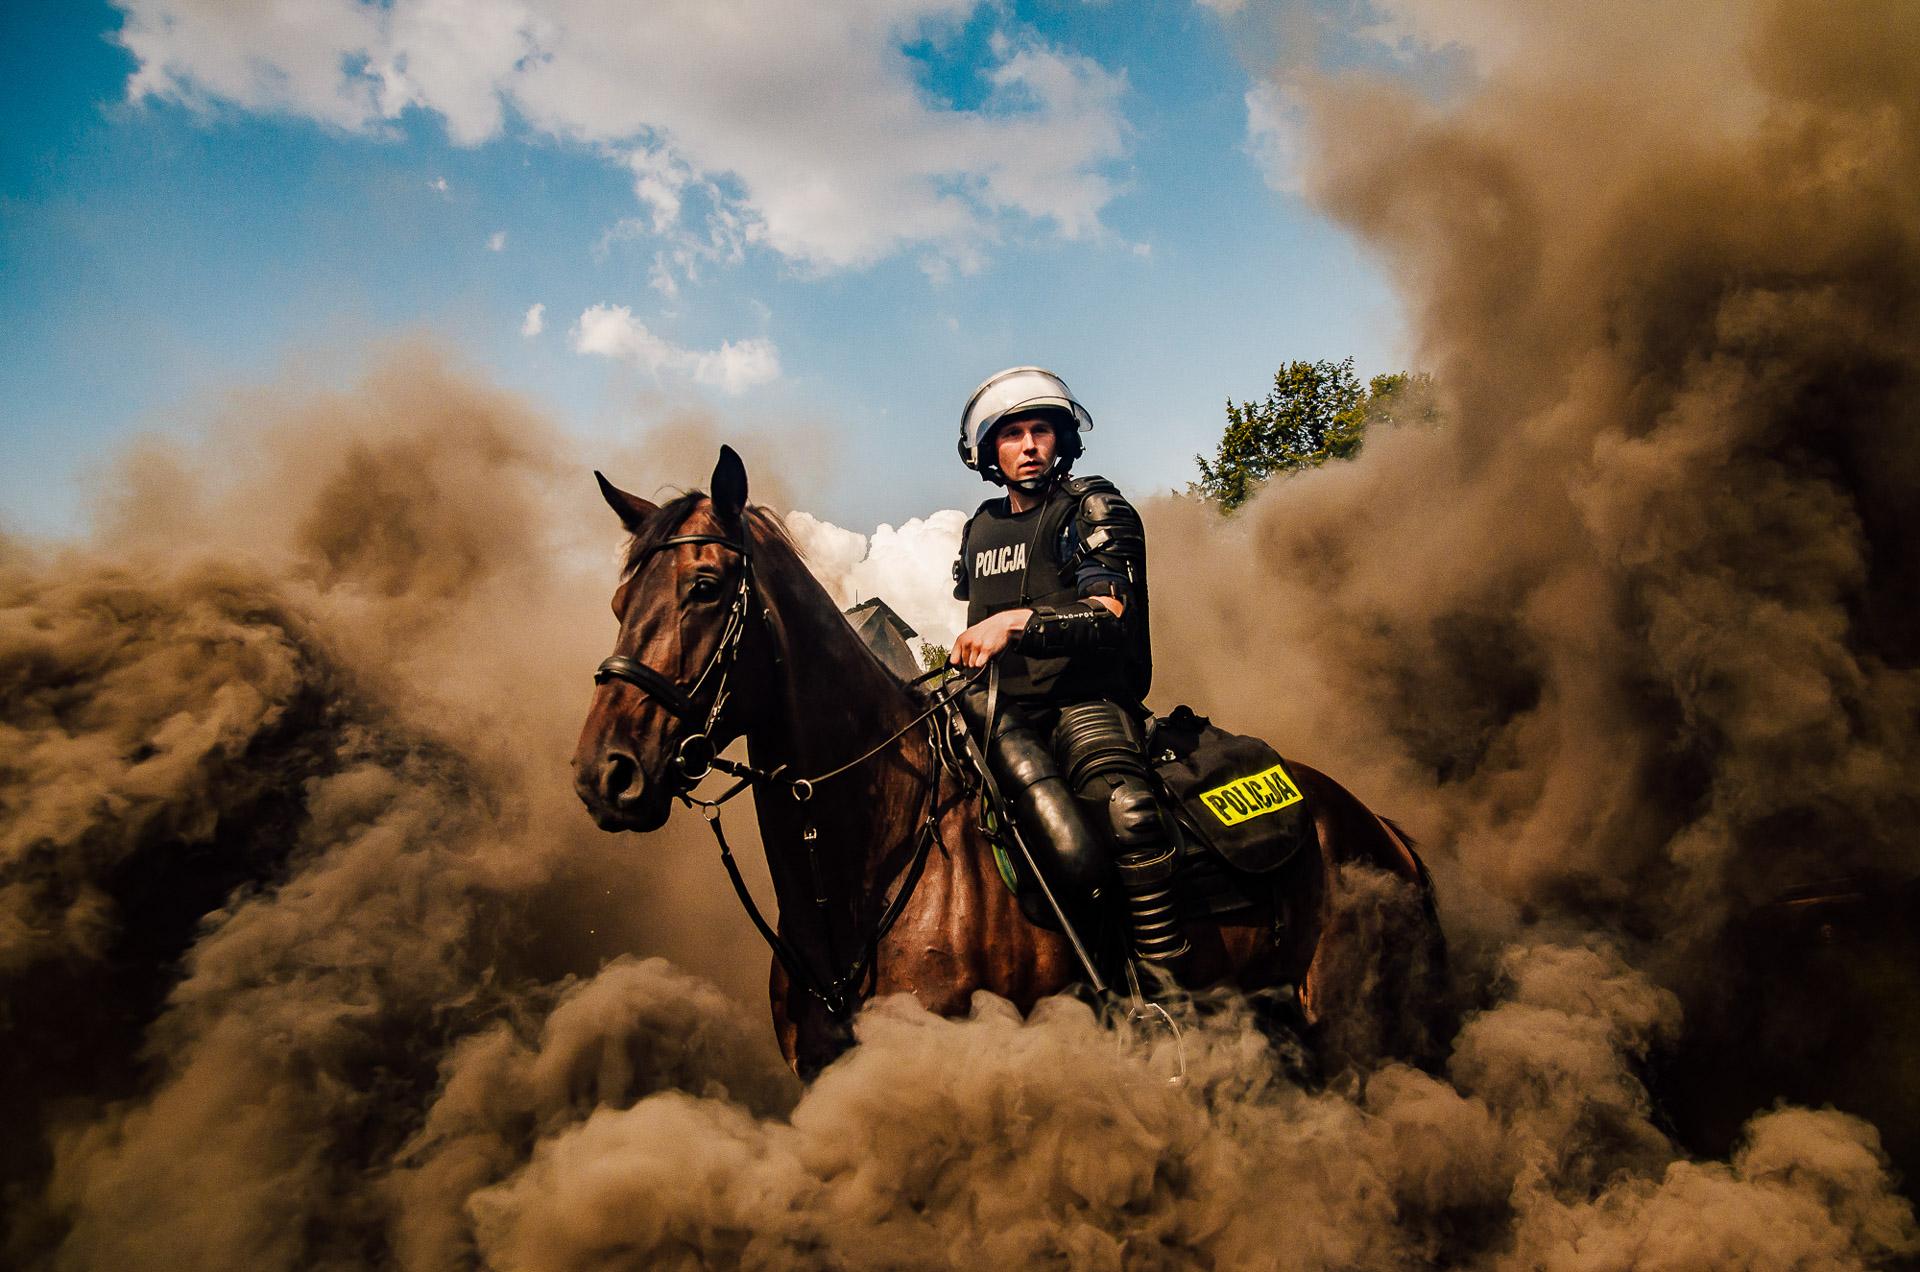 Fot. Piotr Cyganik, Sony World Photography Awards 2019.